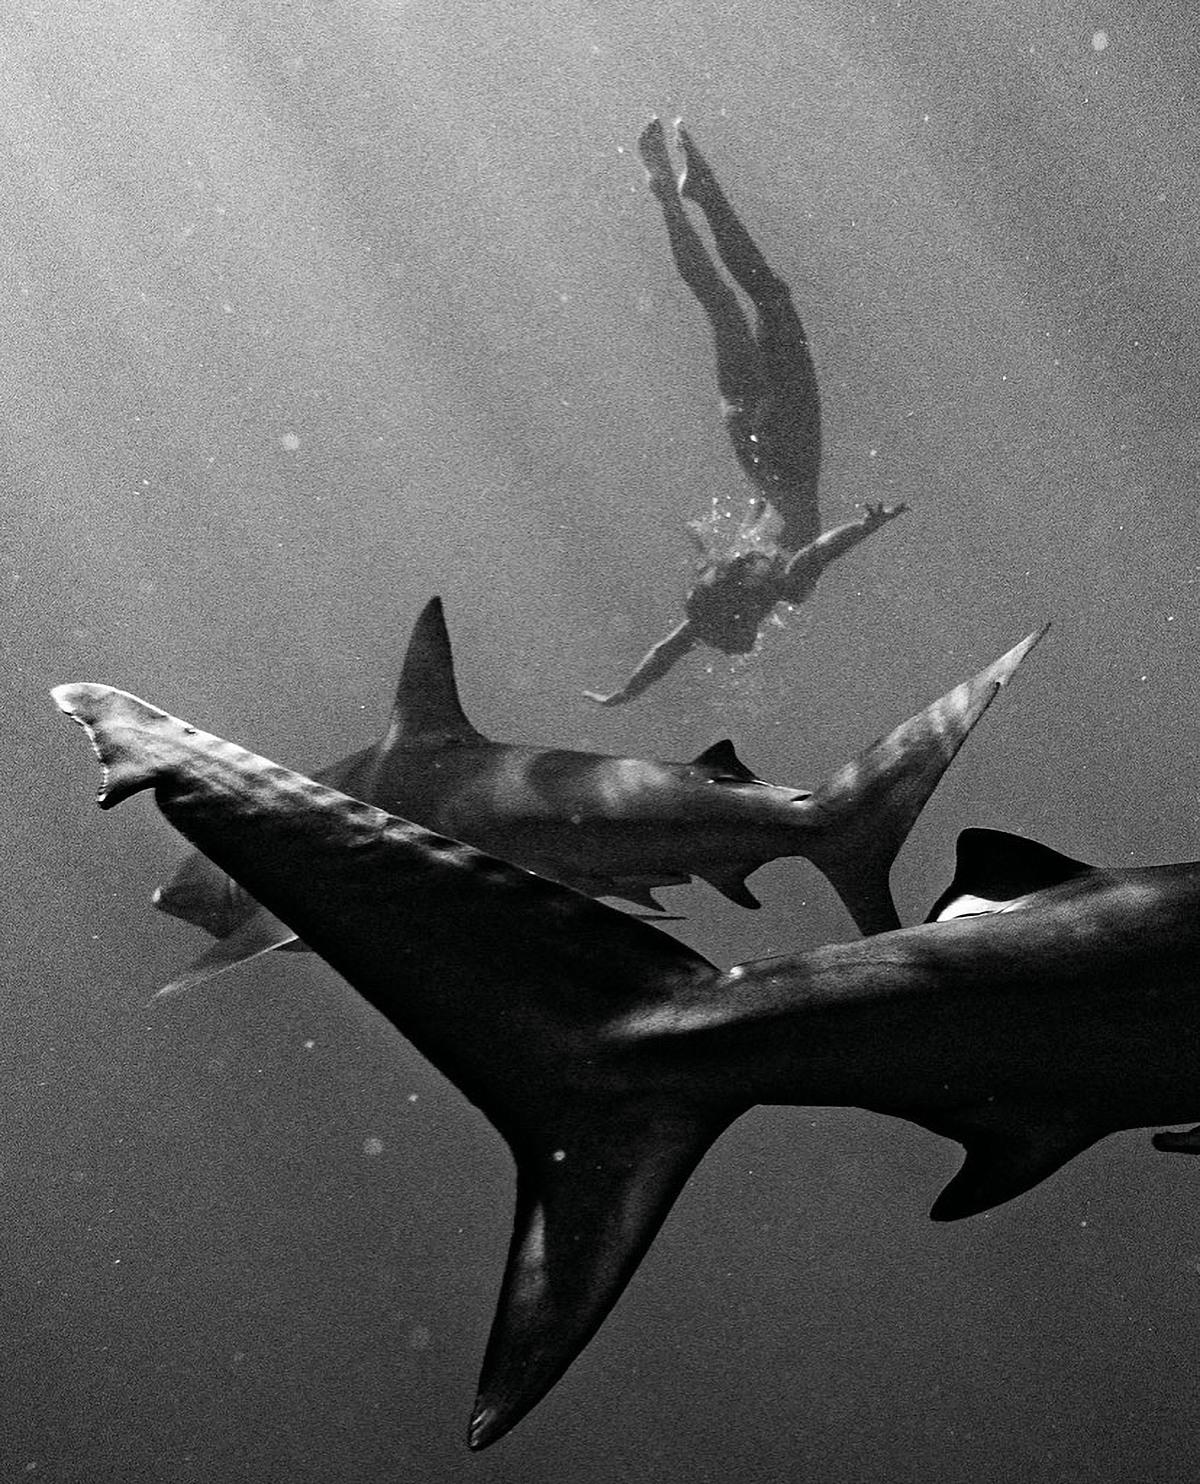 Trước khi thực hiện dự án này, Papen đã thiền định và chuẩn bị tinh thần để cảm nhận năng lượng của những con cá mập. Ảnh: Benjamin Ono, Earth Family/Real Press